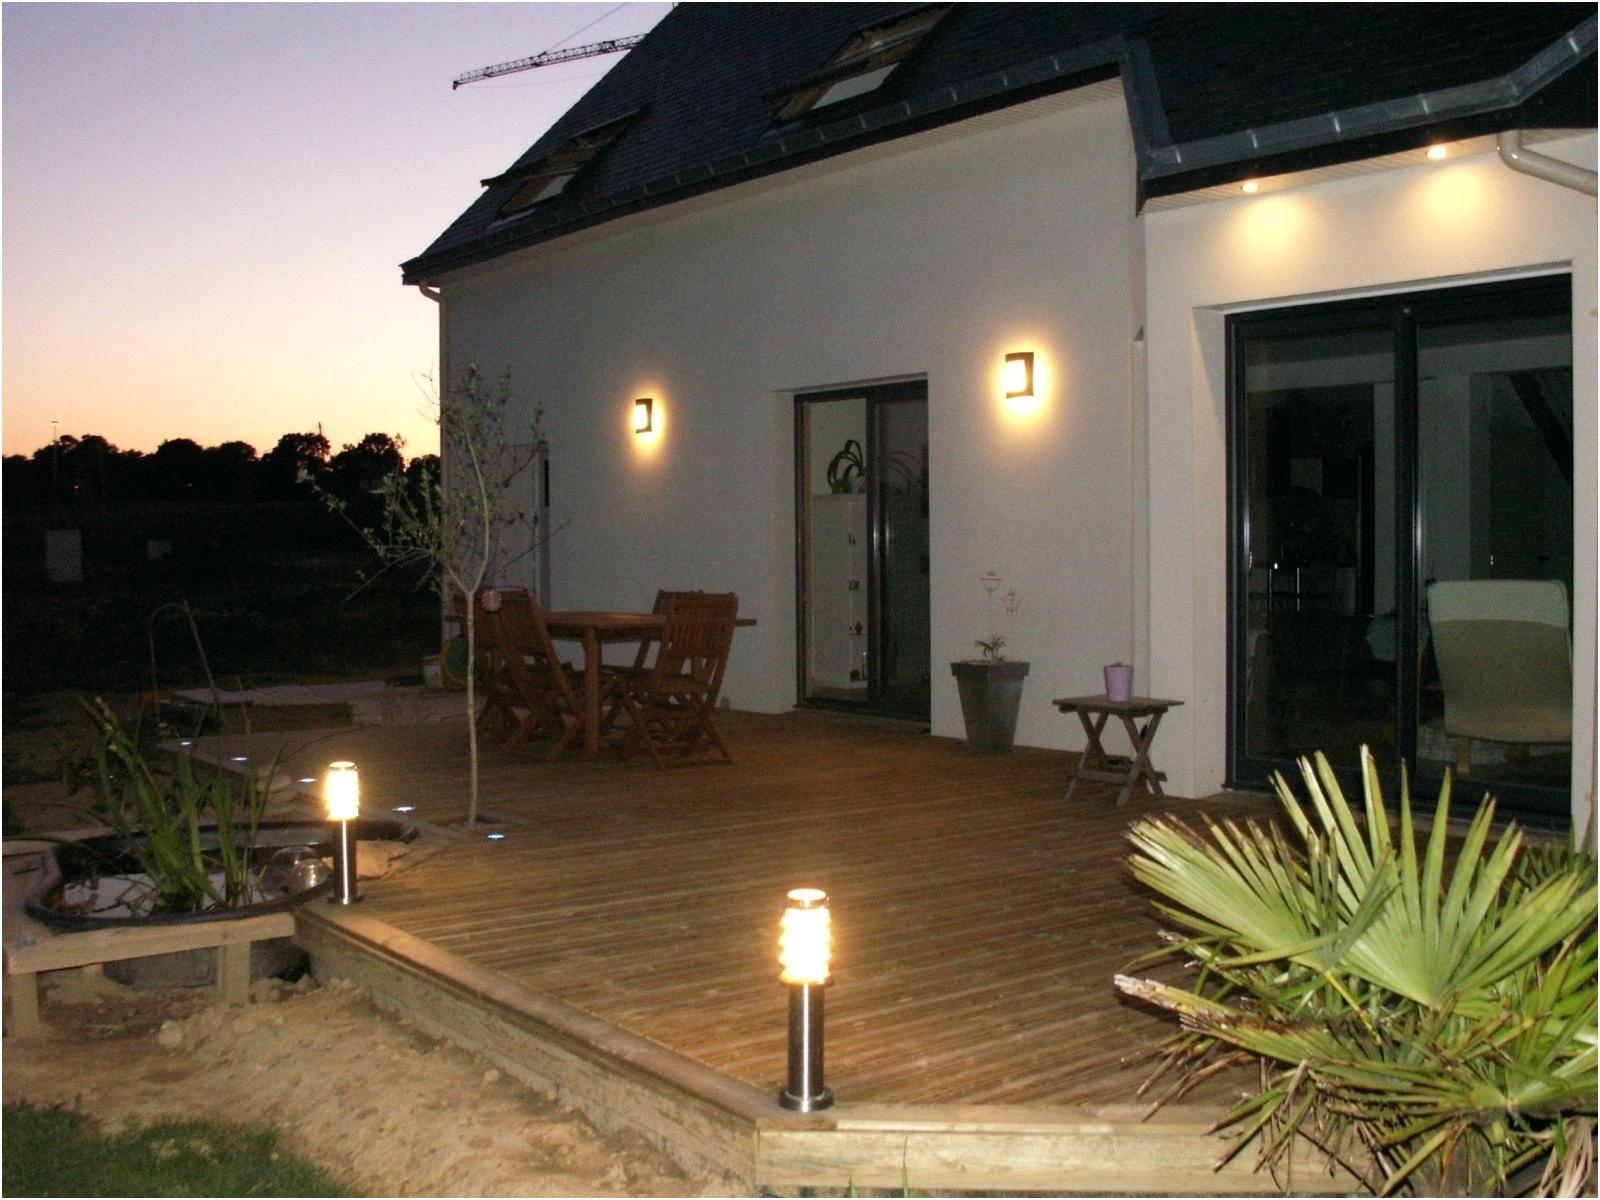 17 Positif Eclairage Led Exterieur Terrasse Image Eclairage Terrasse Eclairage Exterieur Terrasse Eclairage Exterieur Led